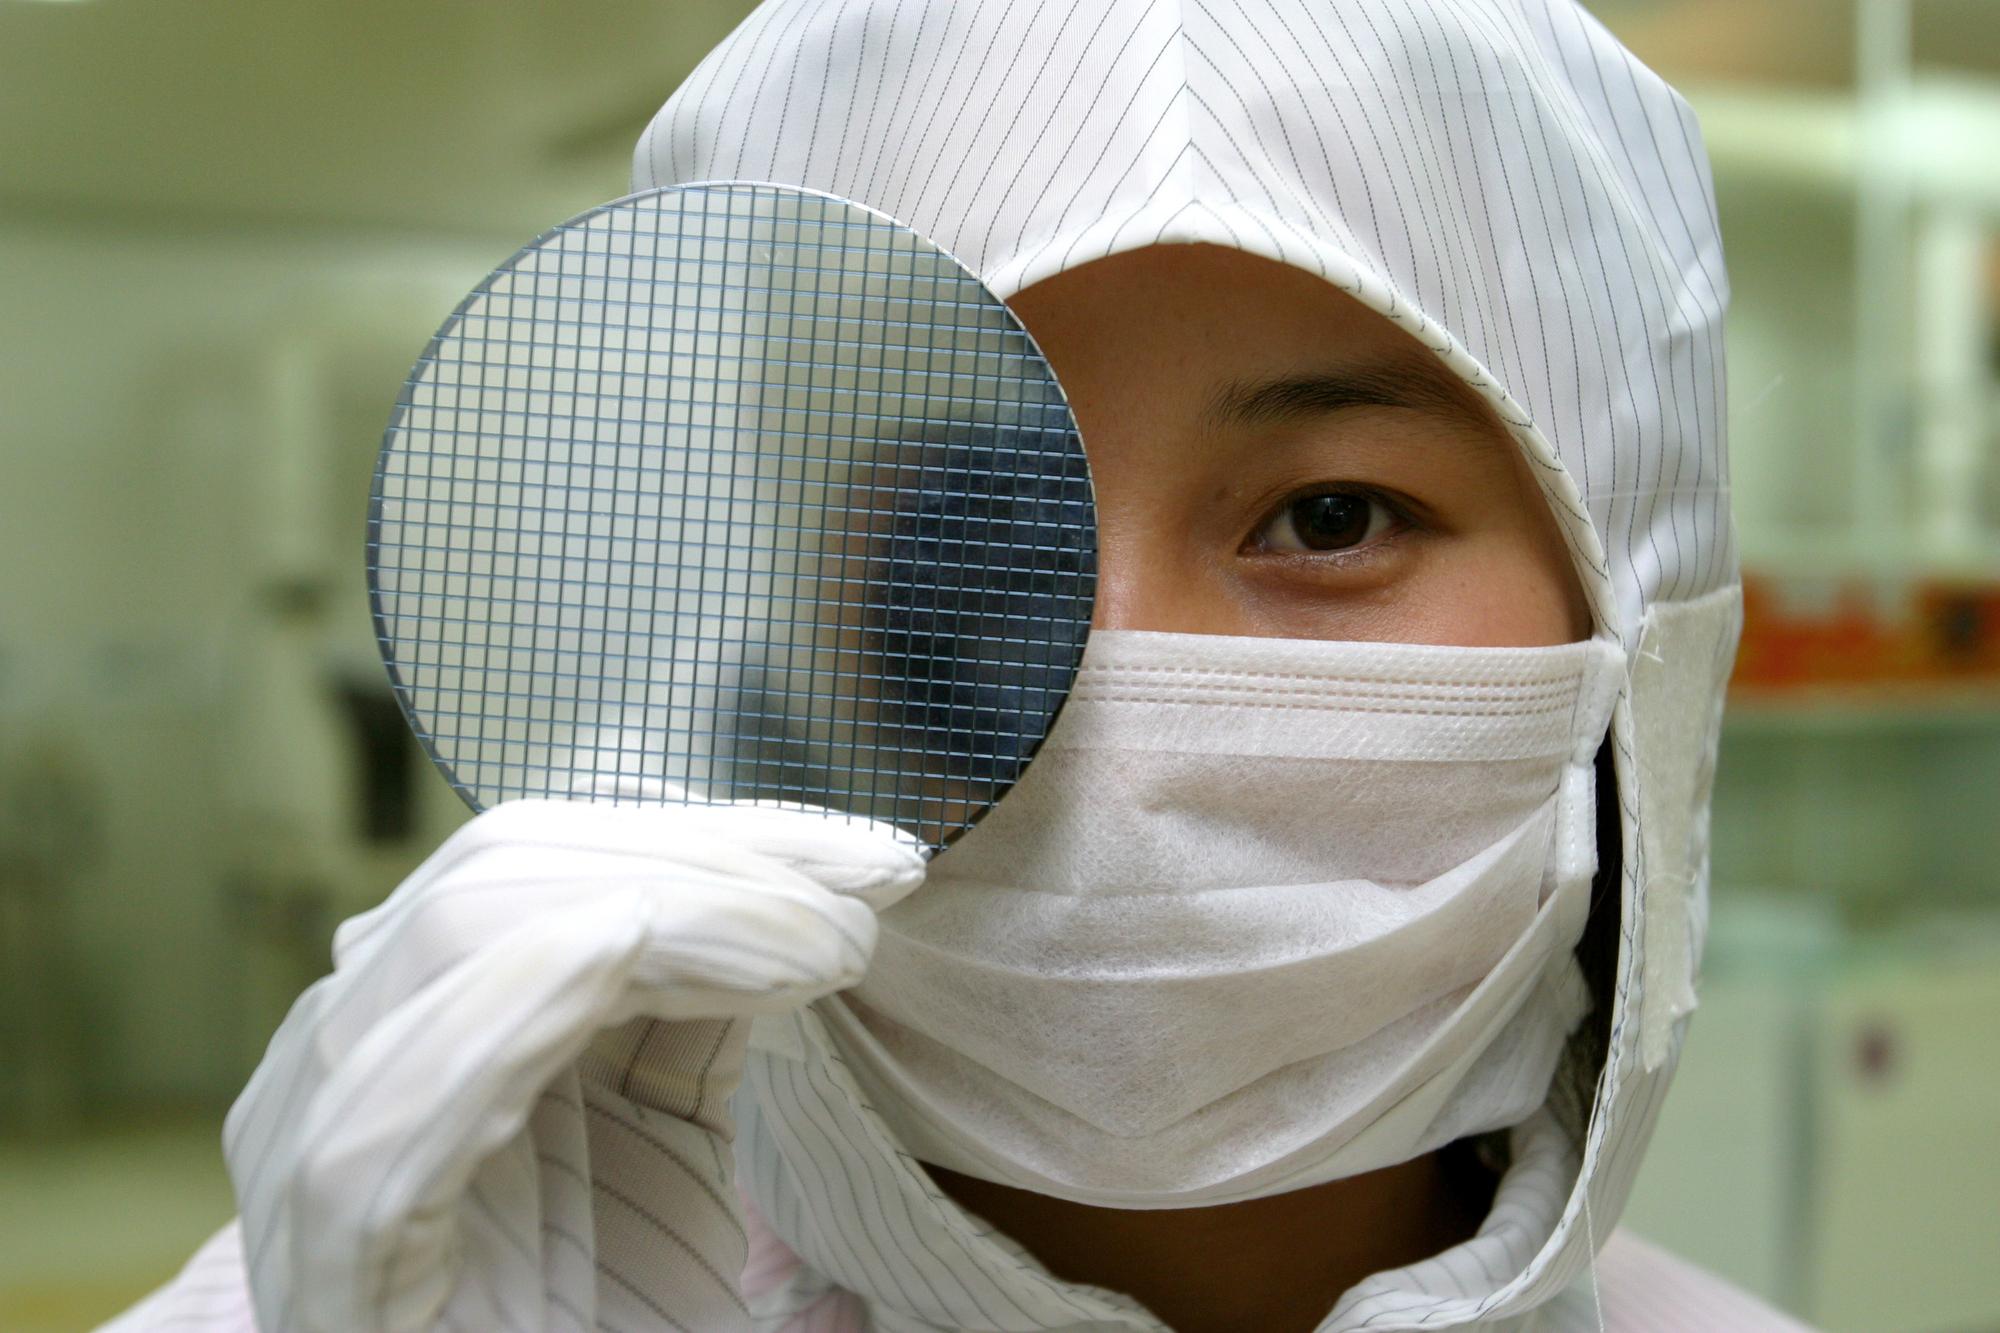 בדיקות ייצור במפעל שבבים בשנחאי. המחשה: depositphotos.com